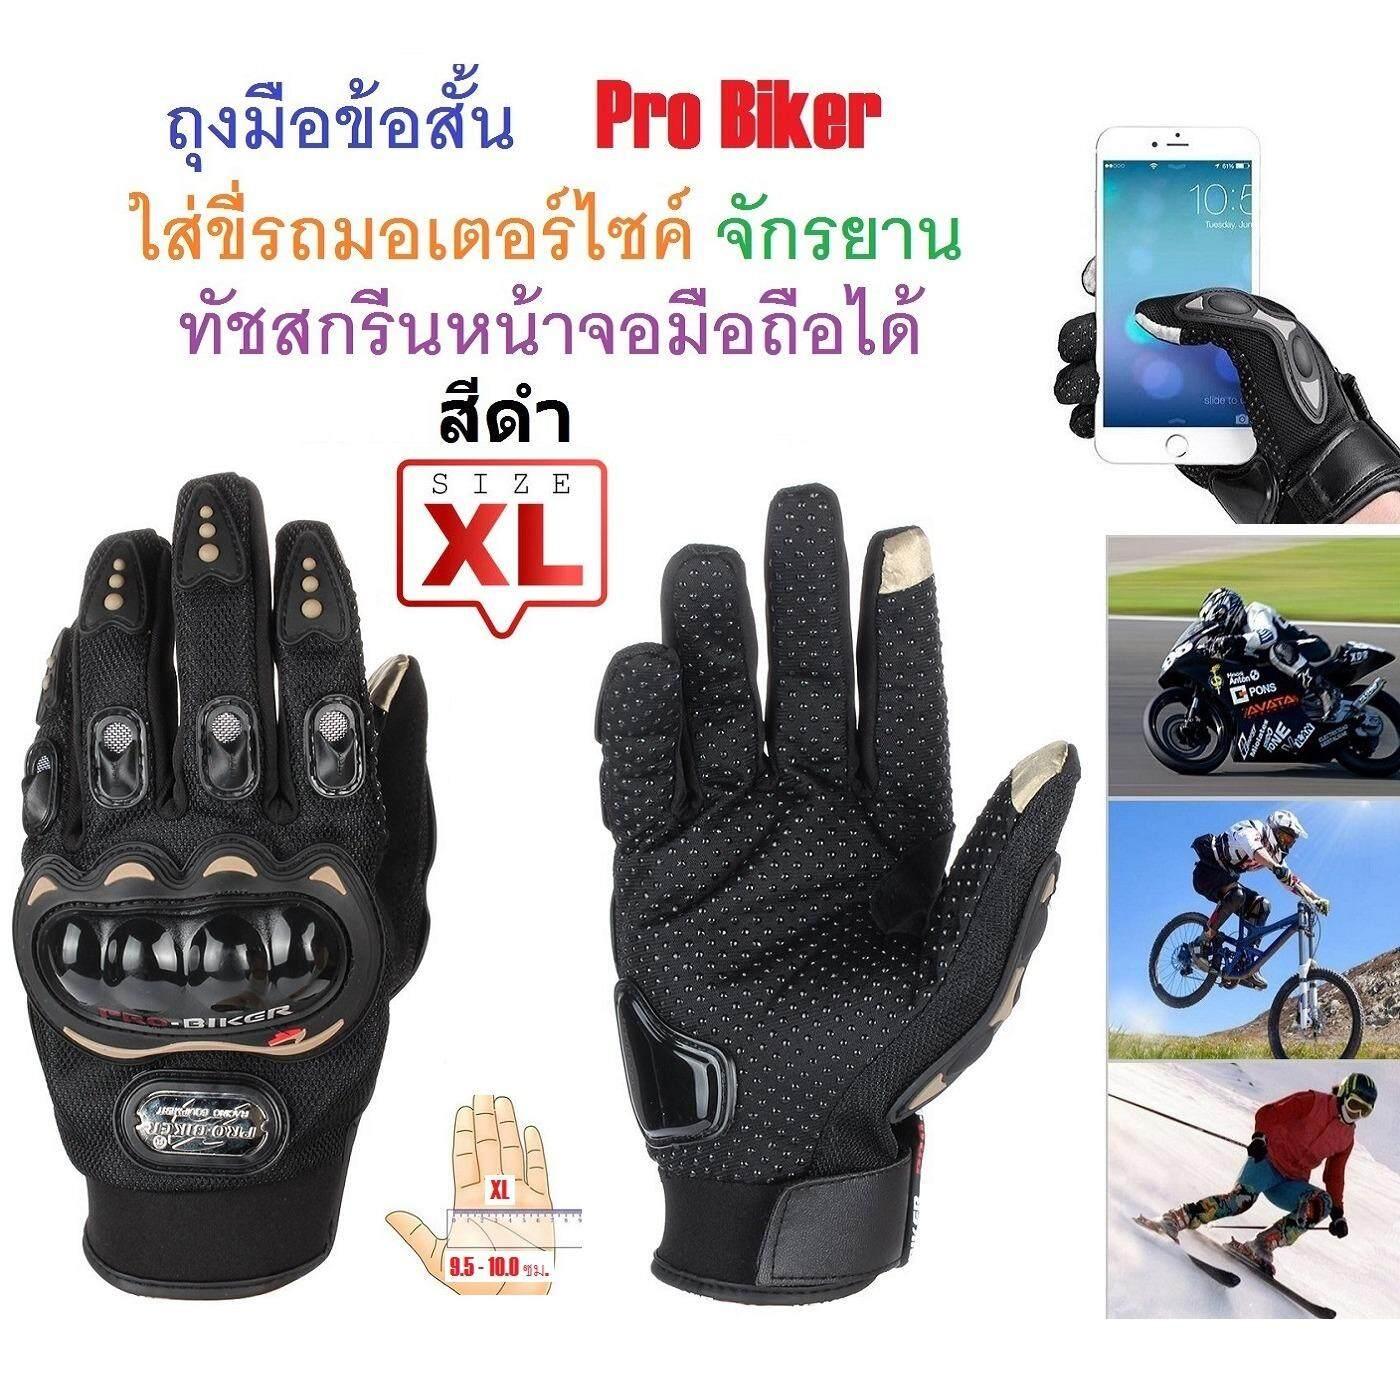 ราคา Pym ถุงมือข้อสั้น Pro Biker ใส่ขับรถมอเตอร์ไซค์ ทัชสกรีนหน้าจอมือถือได้ สำหรับชาวไบเกอร์ Size Xl สีดำ จำนวน 1 ชิ้น ใหม่